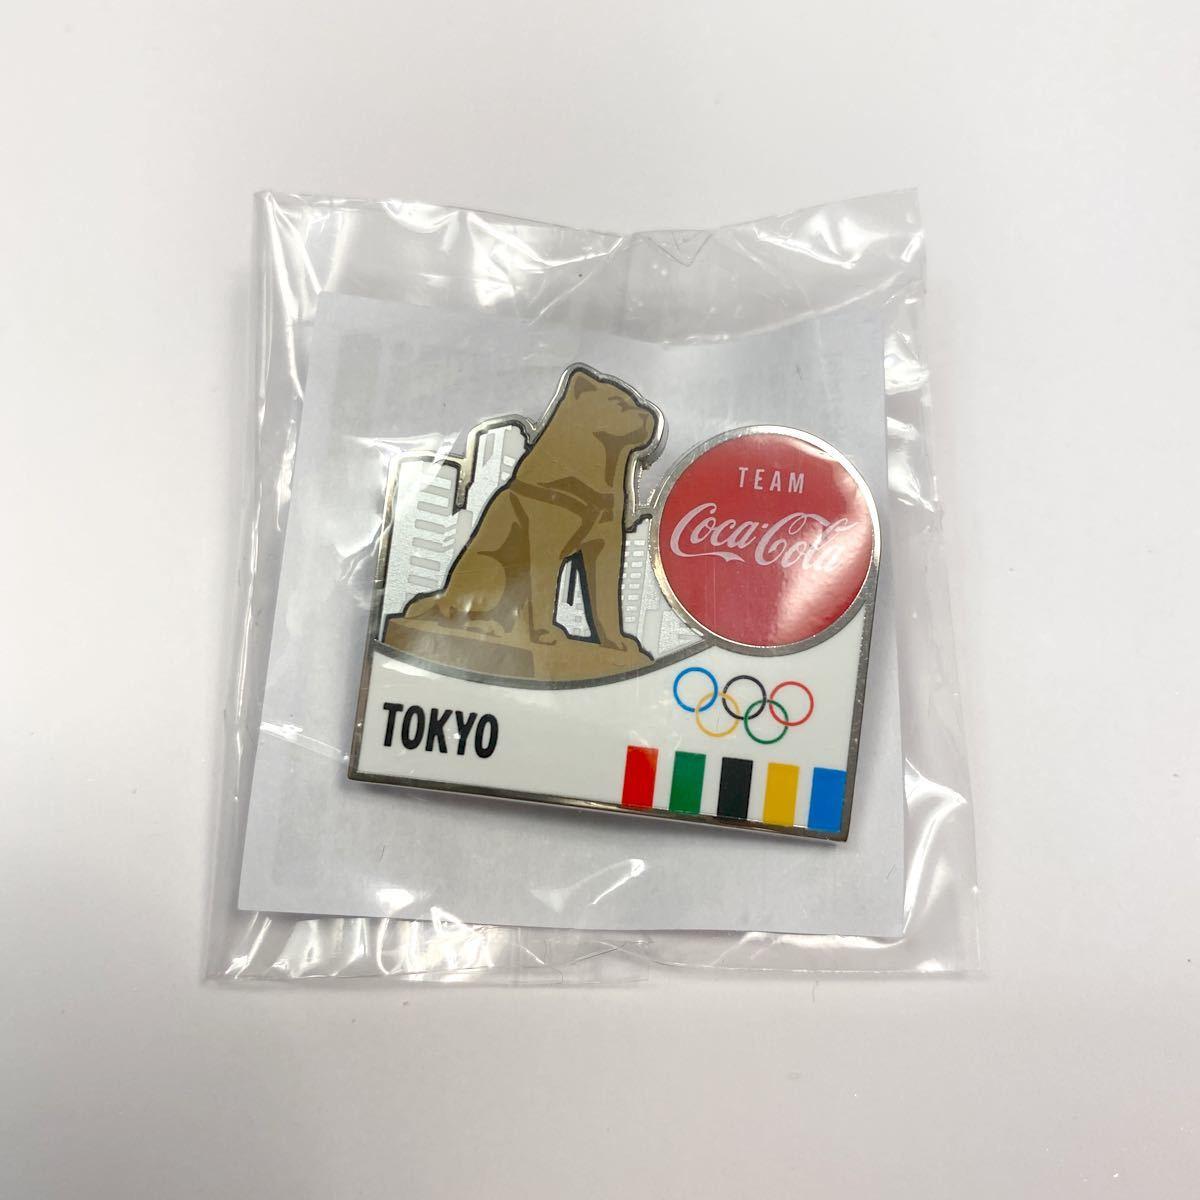 コカコーラ 東京オリンピック 都道府県 東京 ハチ公 ピンバッジ コカ・コーラ